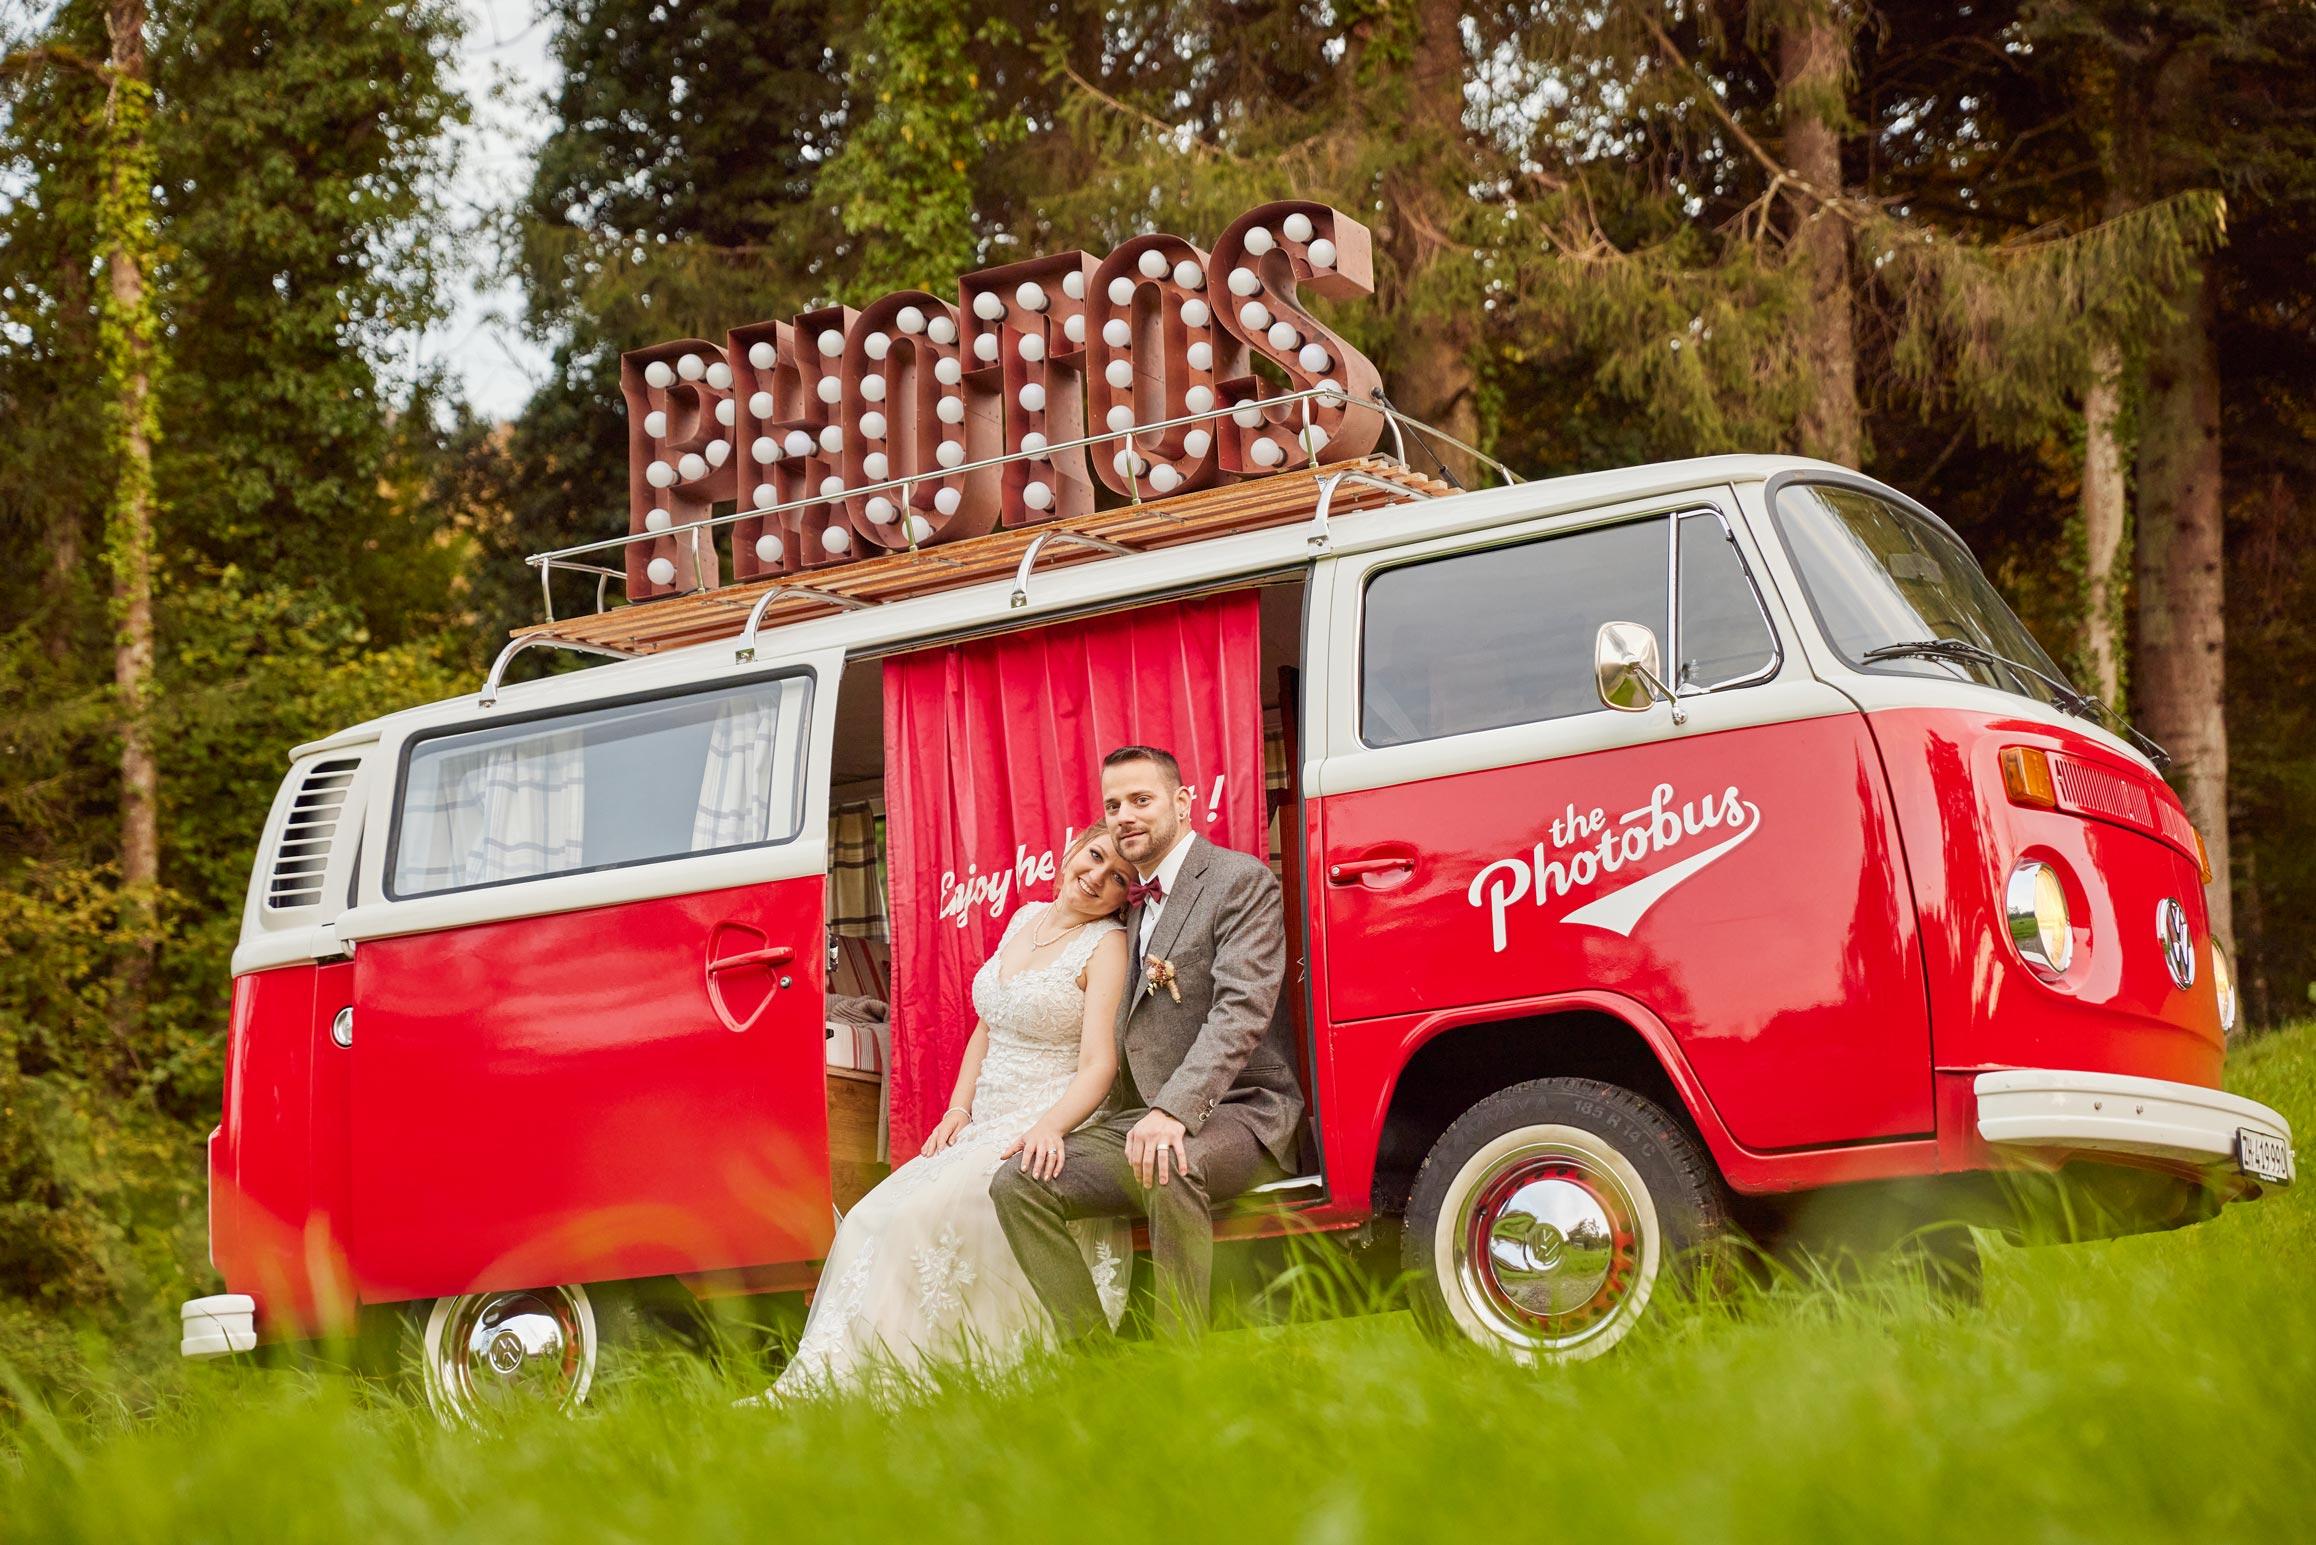 Fotosujets für Hochzeit mit Oldtimer